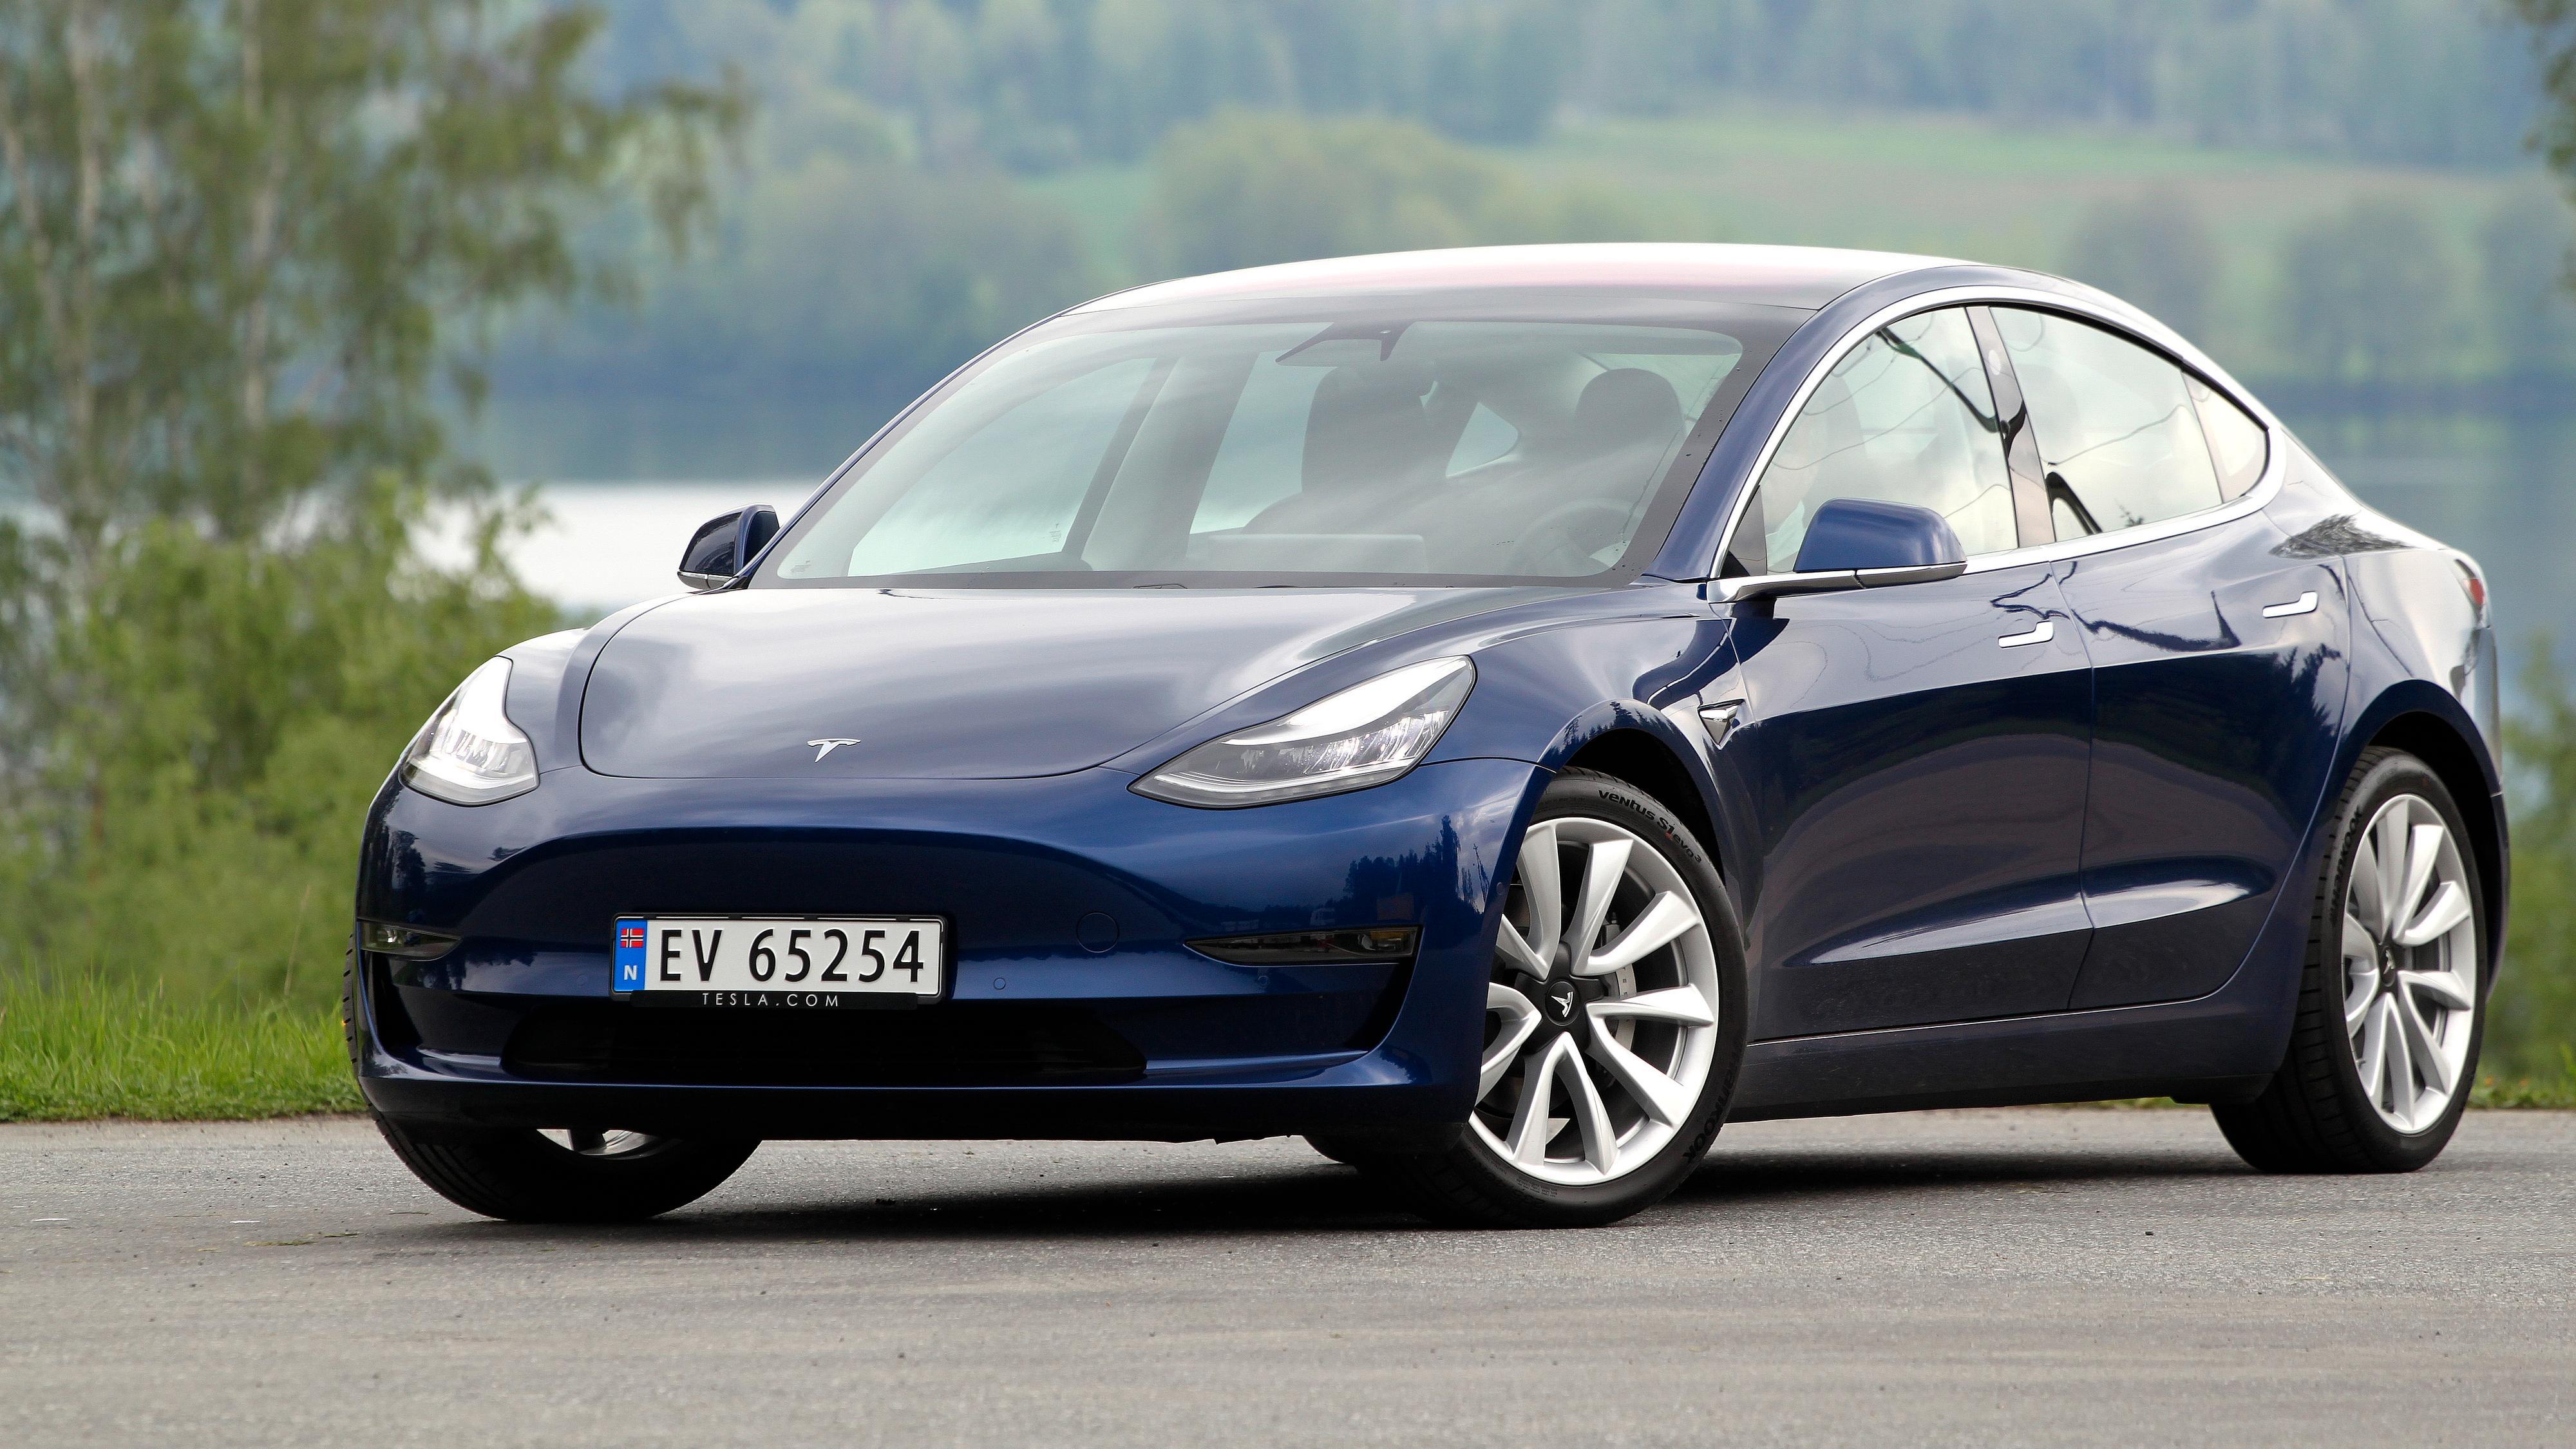 Om kinesiske påstander om Model 3 stemmer kan billigste versjon av bilen få langt svakere rekkevidde i kulda. Her til lands selges det flest av utgaven med firehjulsdrift, der batteripakken er uendret.